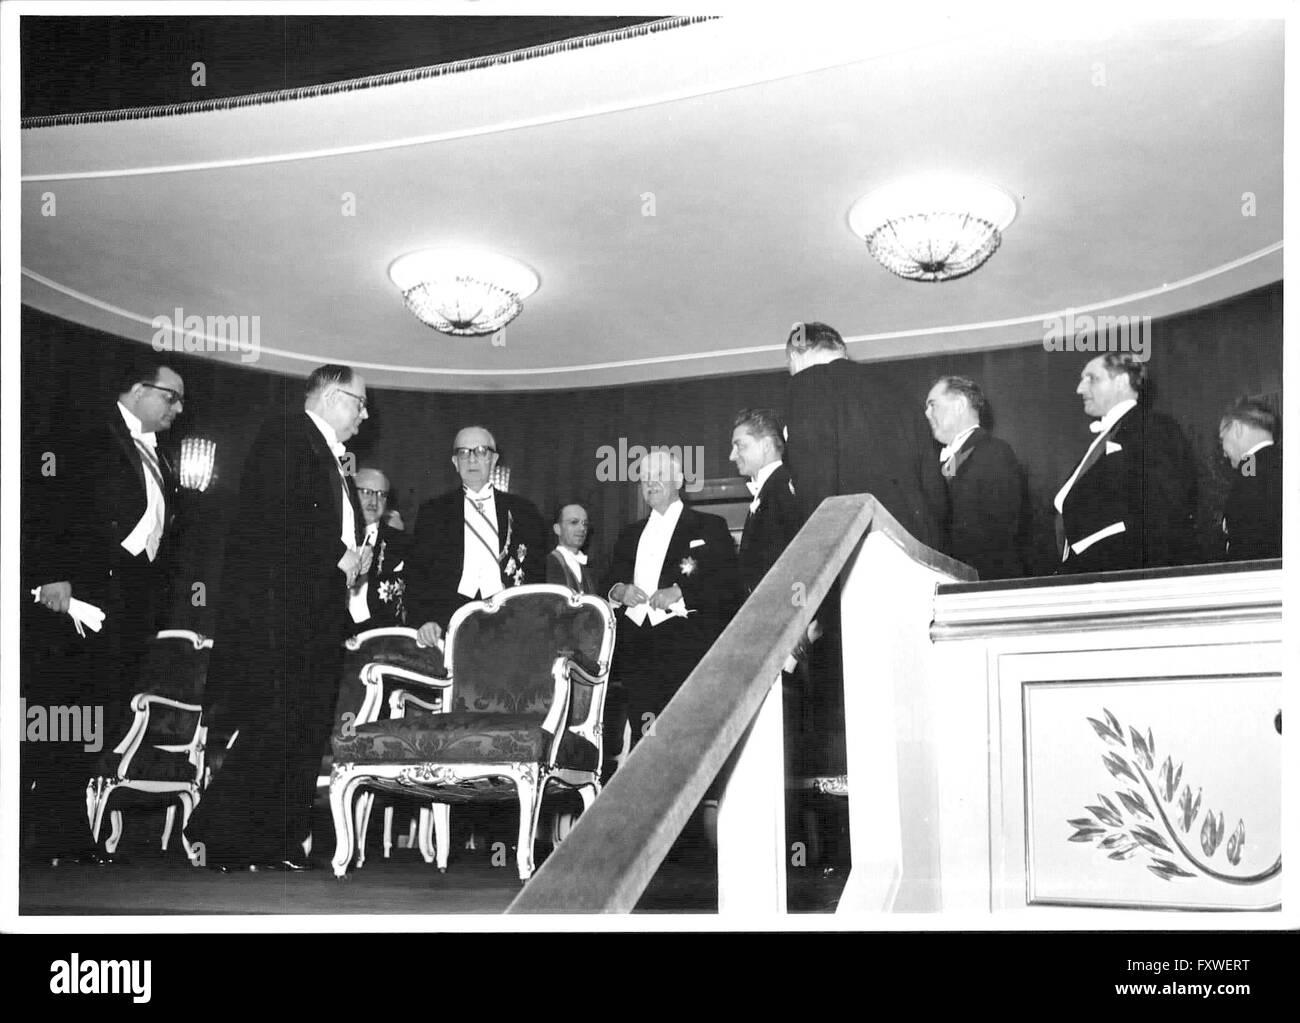 Wiener Opernball - 1959, Regierungs-loge mit Schärf, Raab, Drimmel, von Karajan - Stock Image